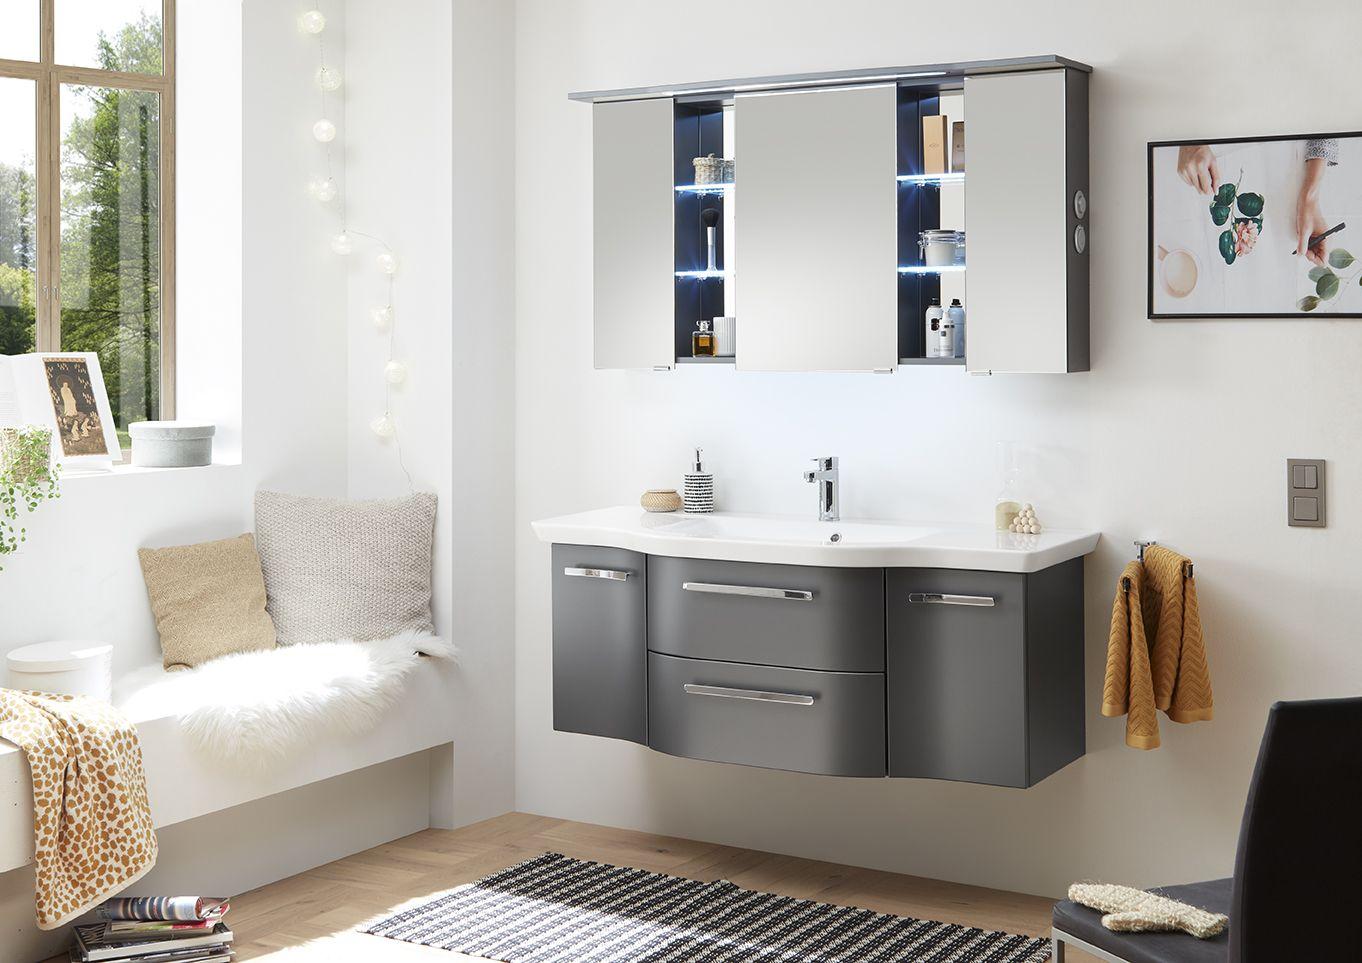 Pin Von Pelipal Badmobel Auf Contea In 2020 Badezimmer Aufbewahrungssysteme Klassisches Badezimmer Ikea Bad Lagerung